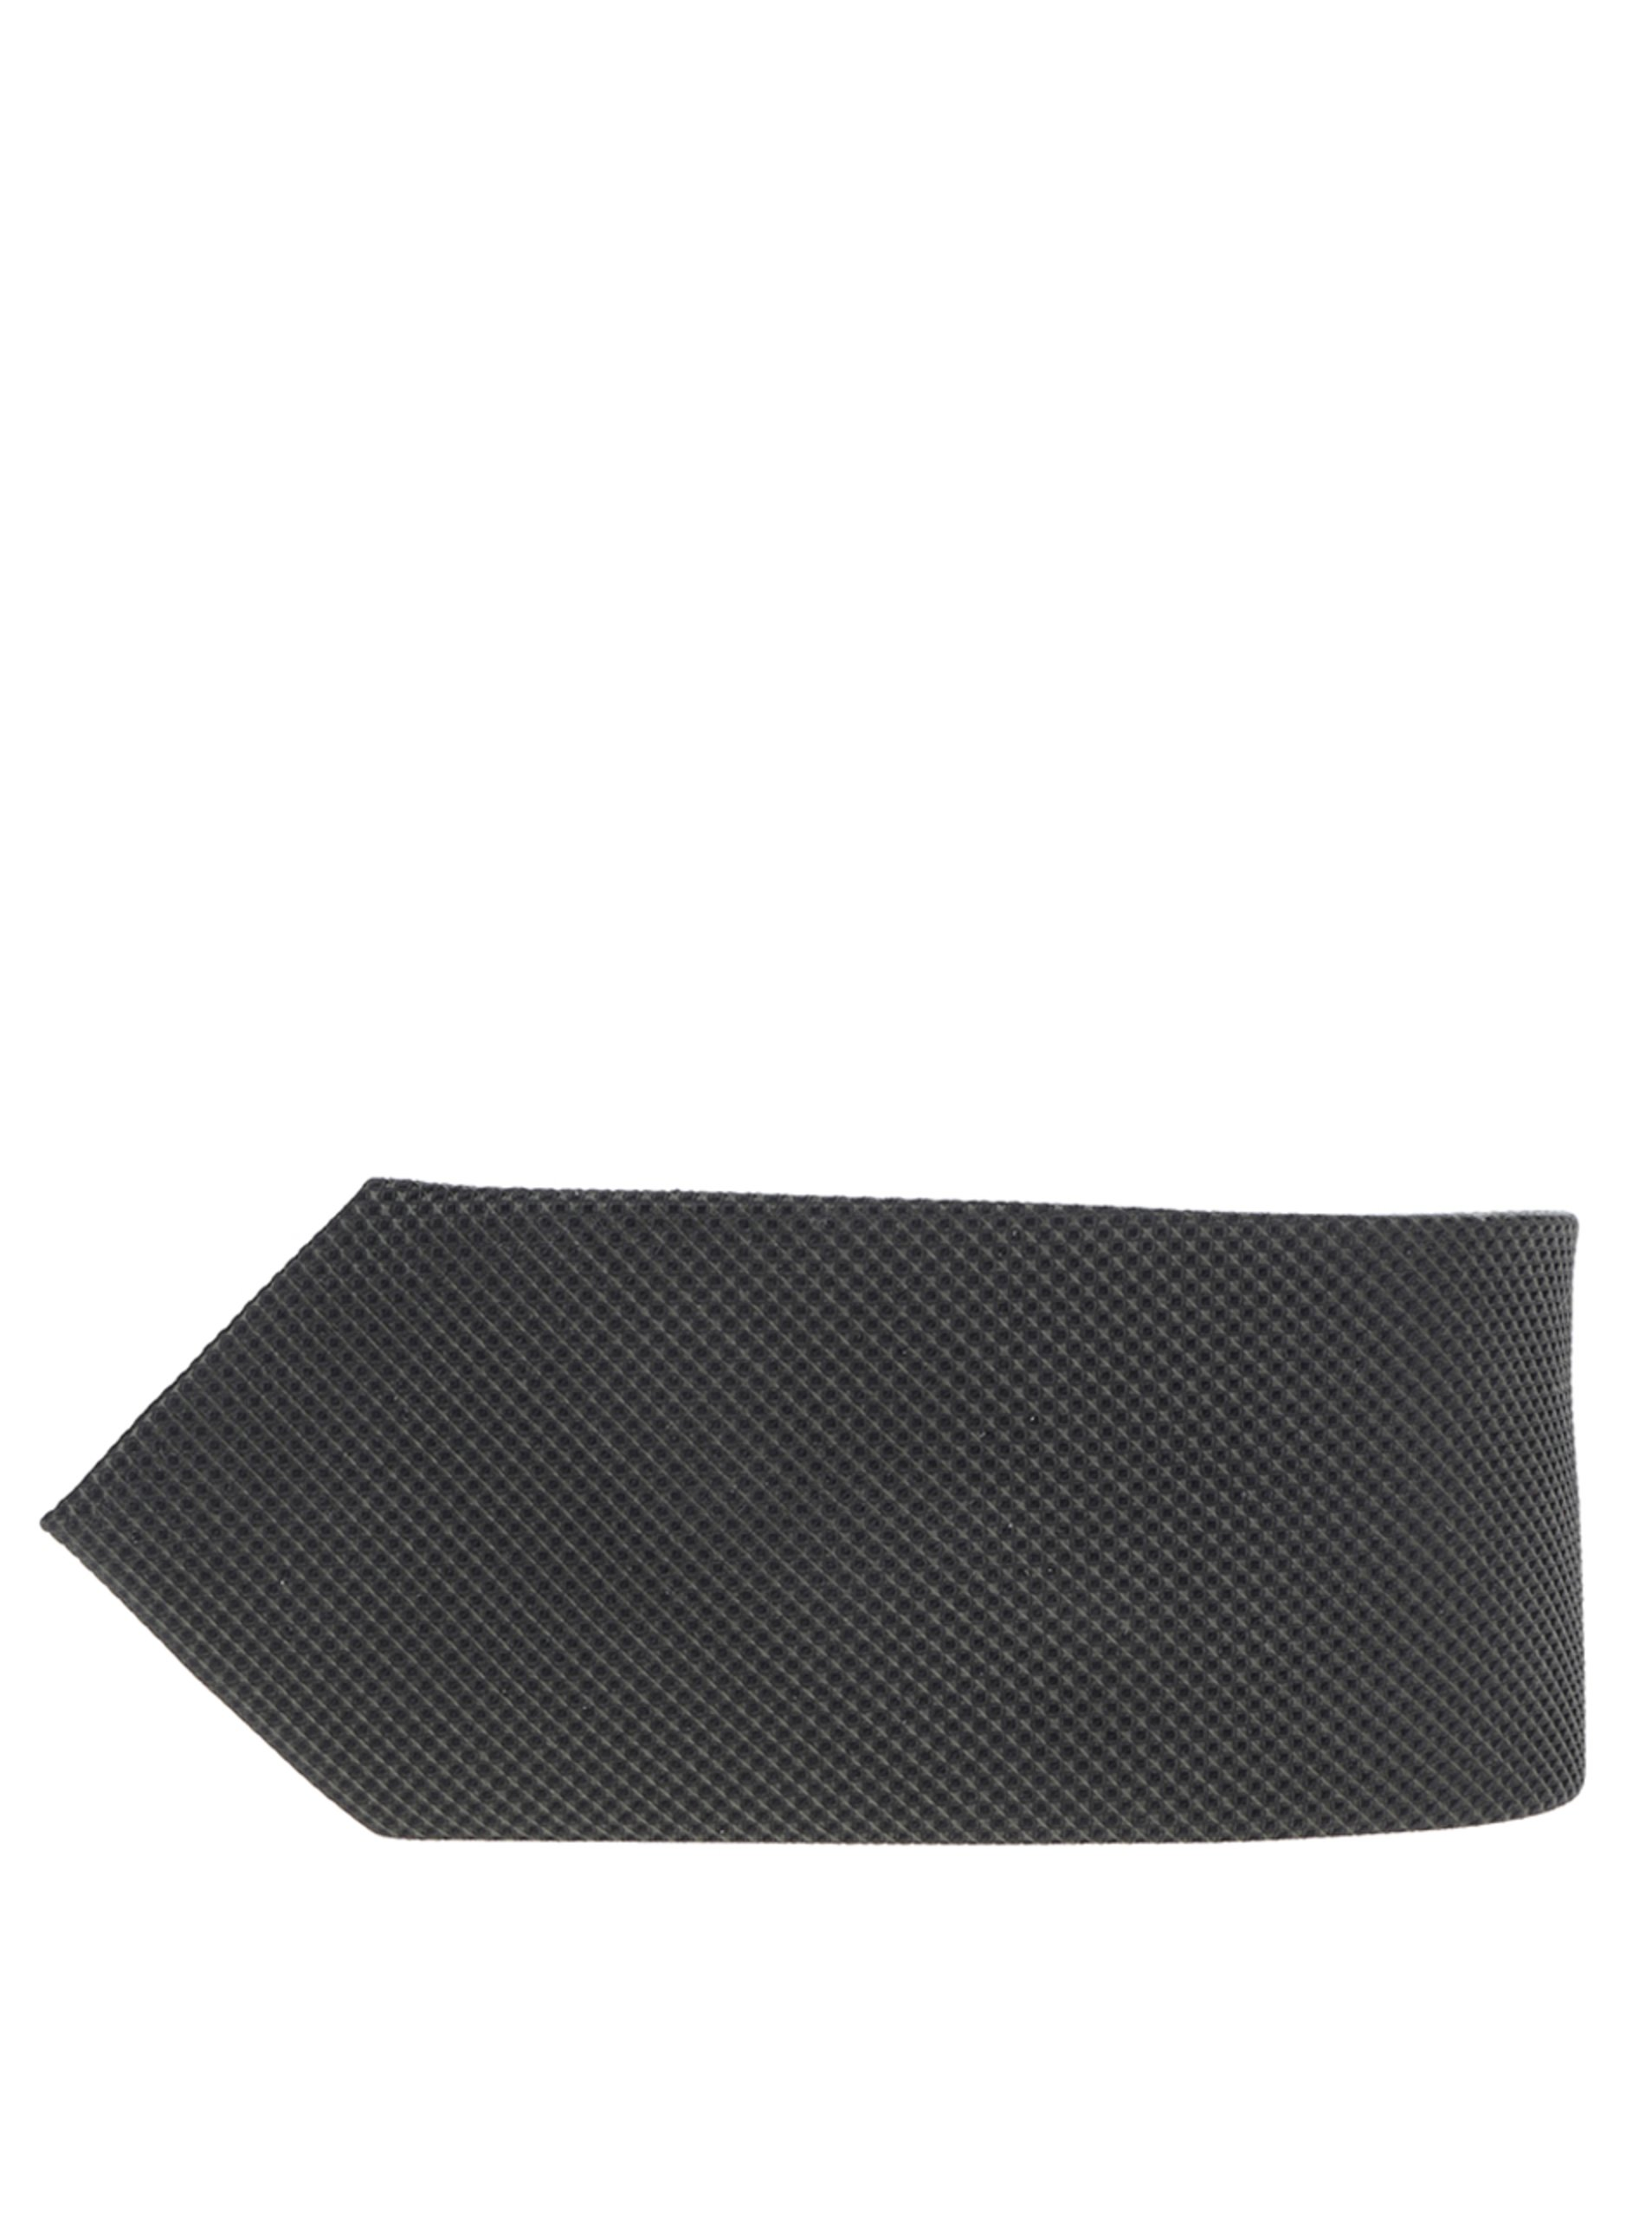 Tmavě zelená hedvábná kravata s drobným vzorem Jack & Jones Premium Colombia